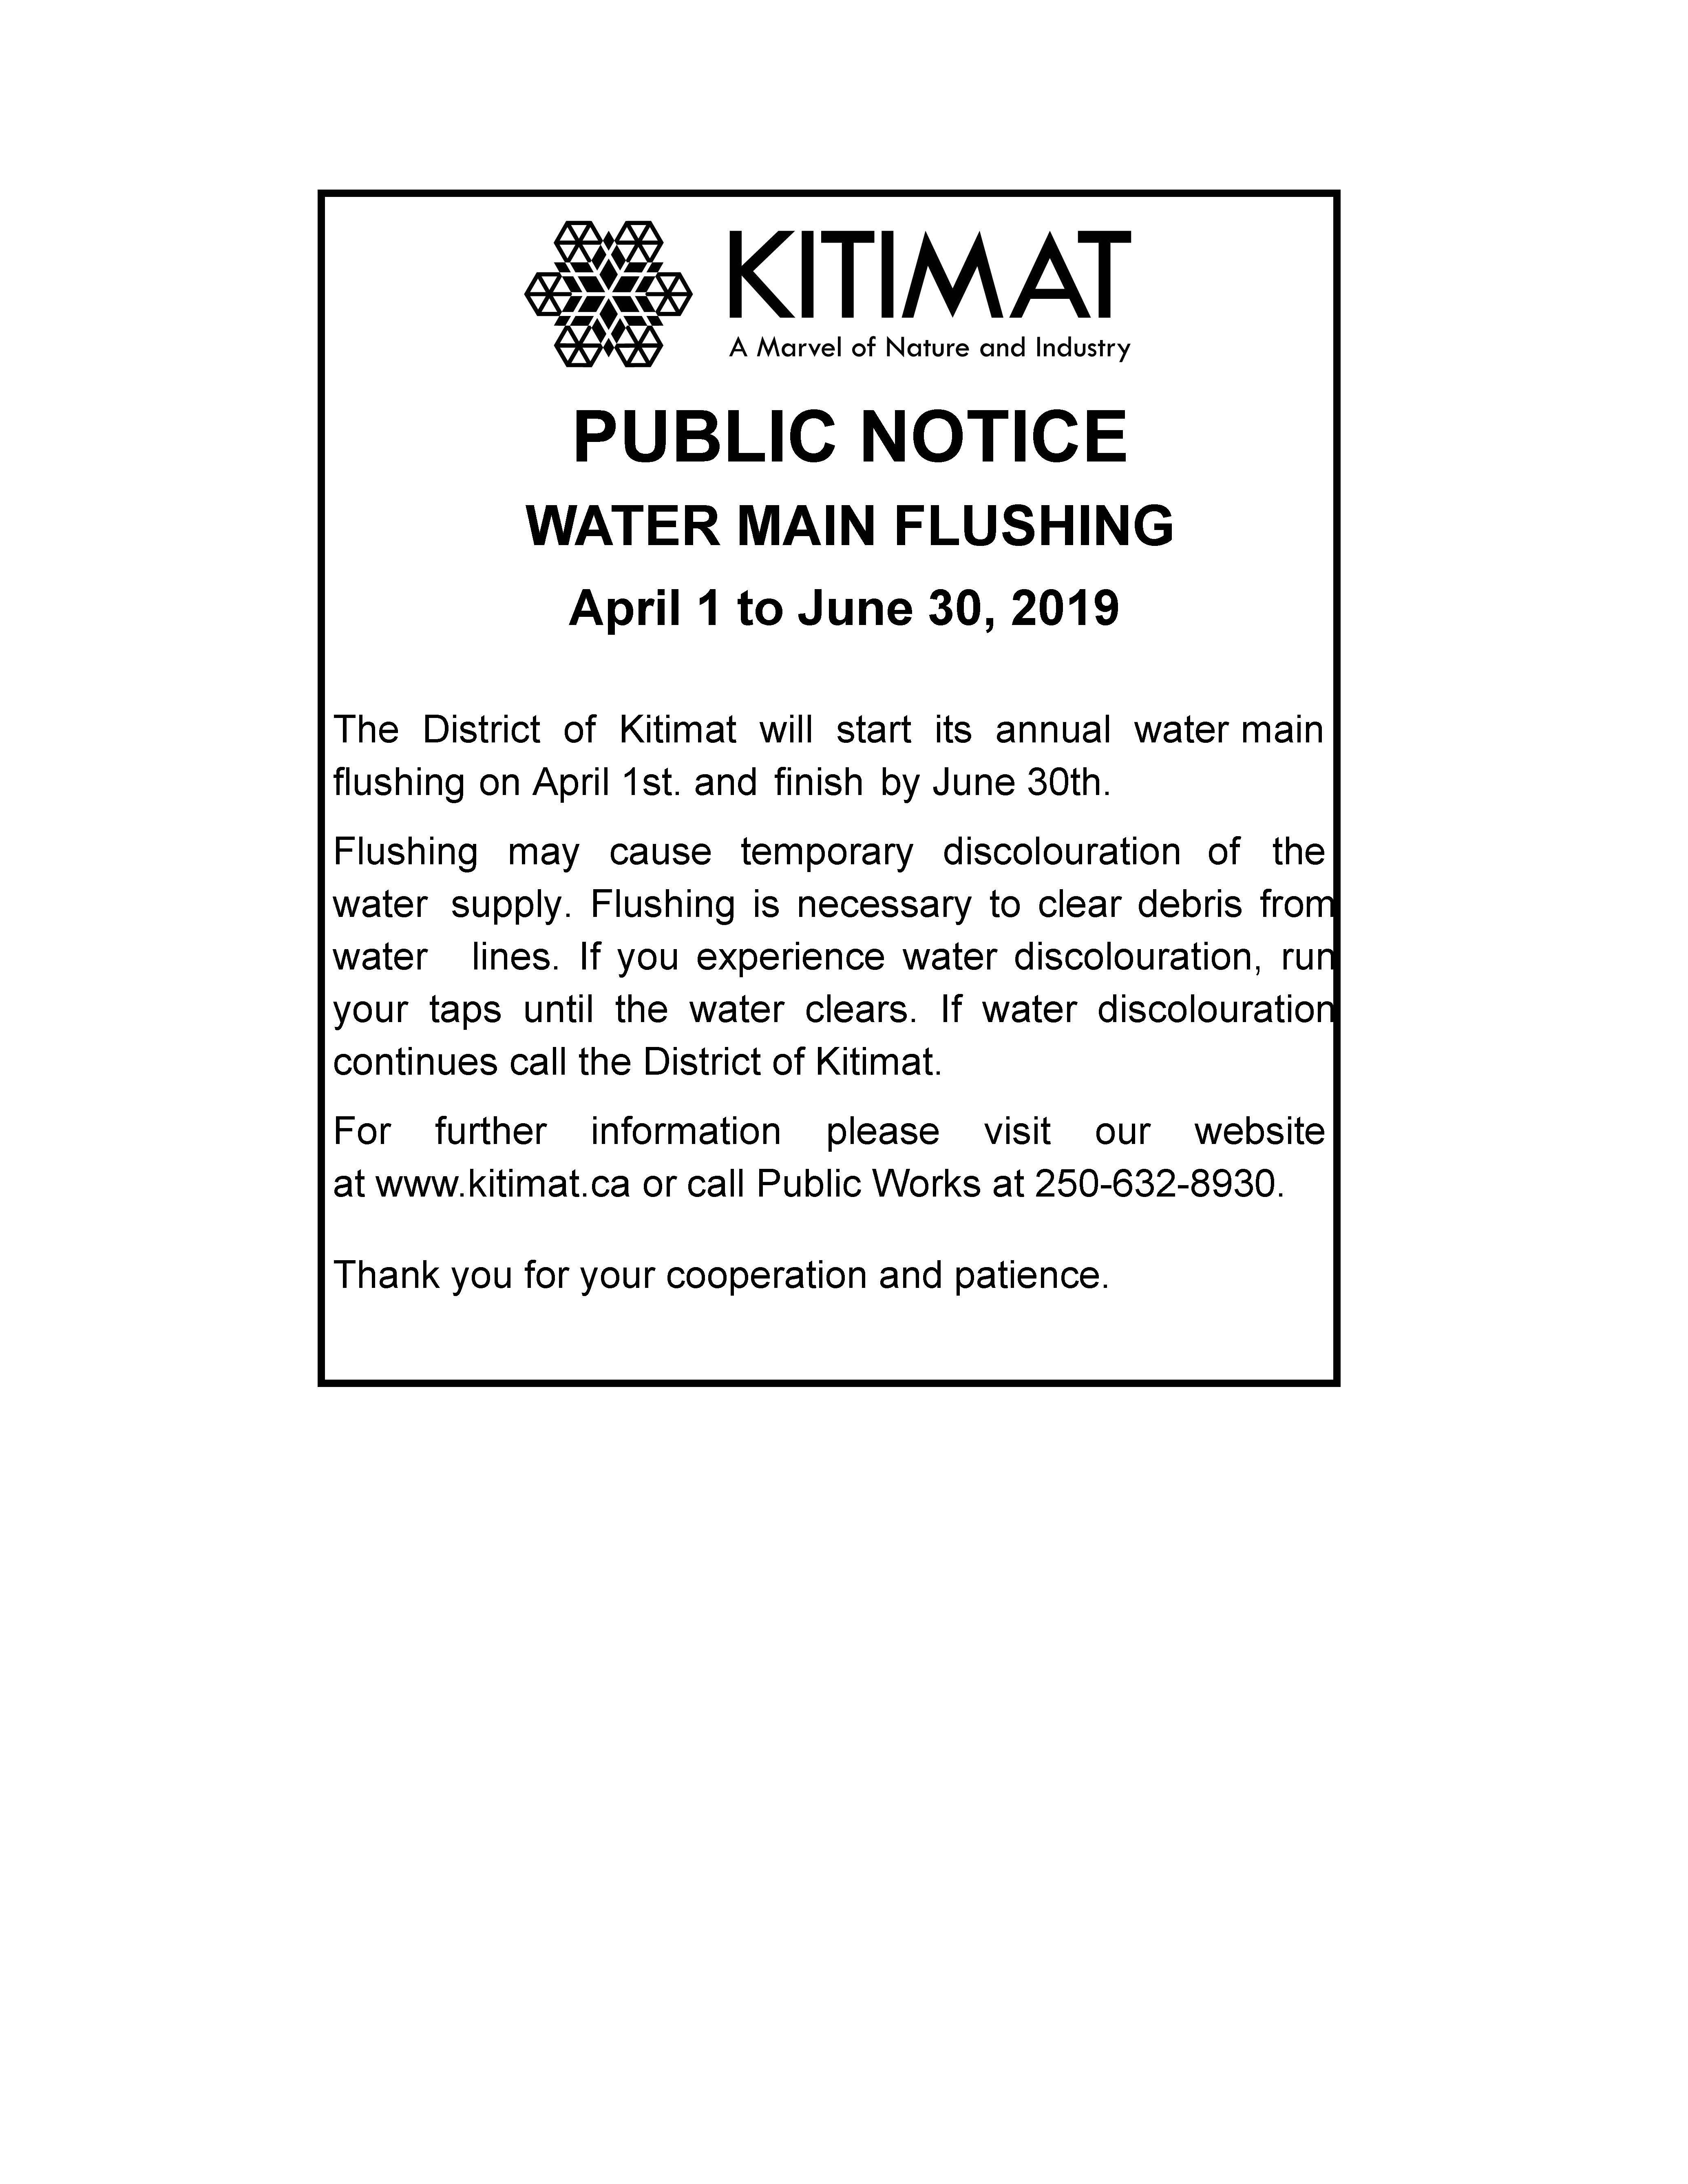 Water Main Flushing 2019